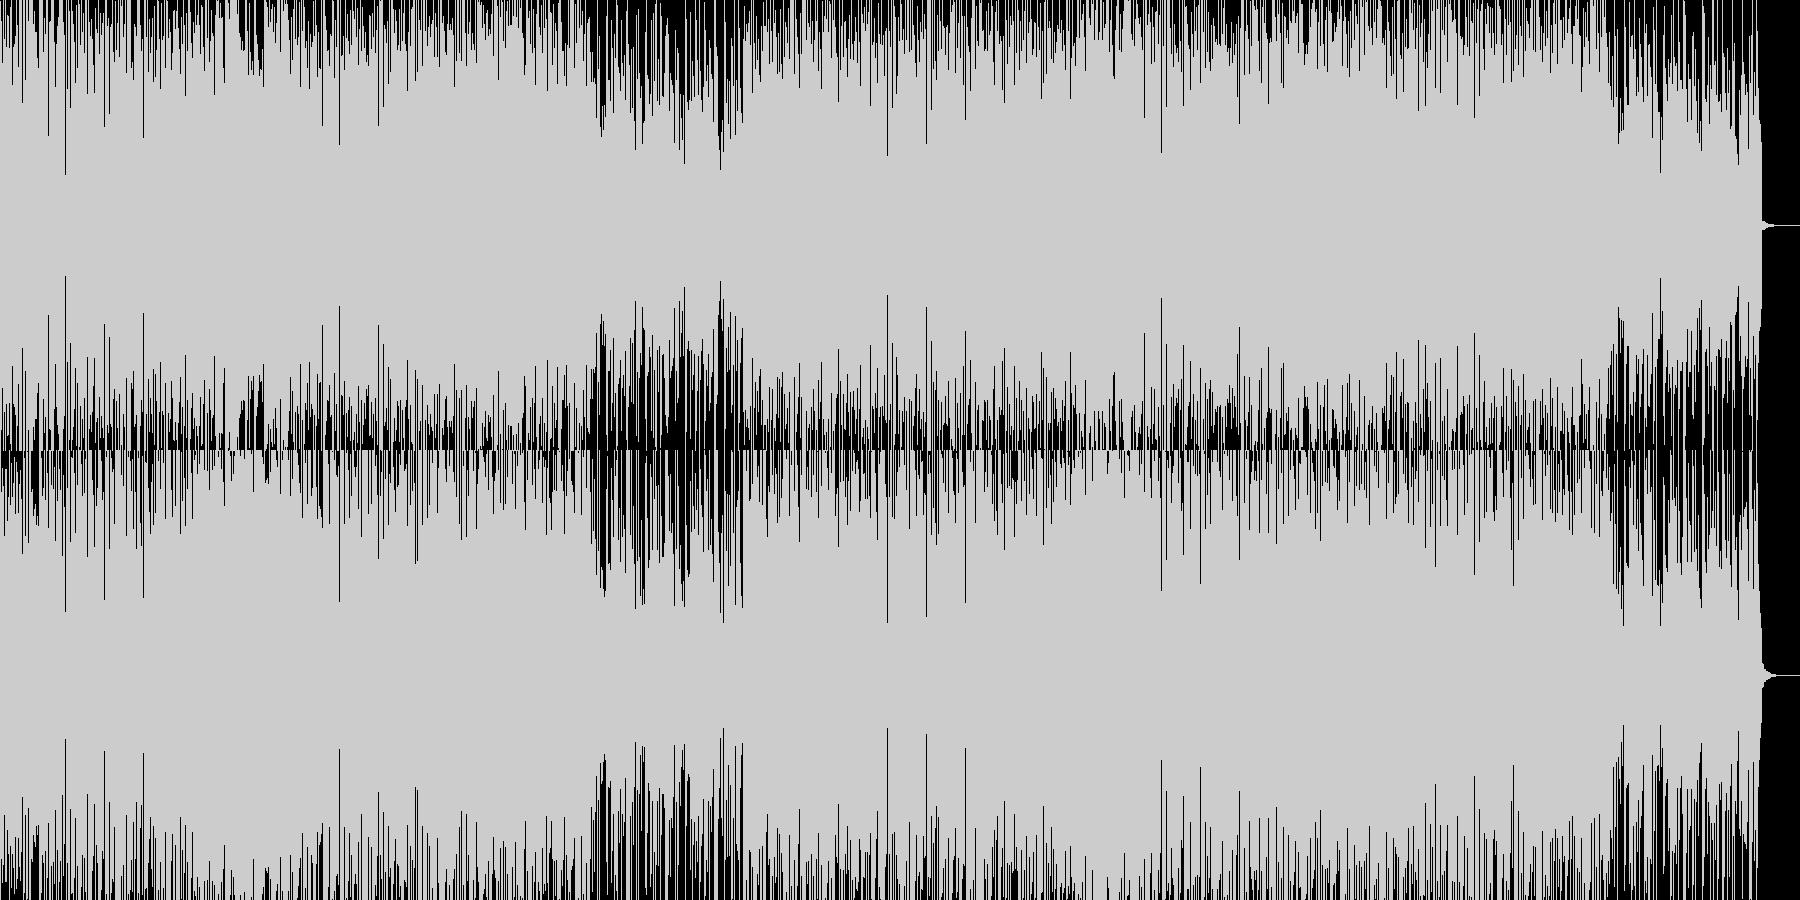 サンバ海岸ステージの未再生の波形